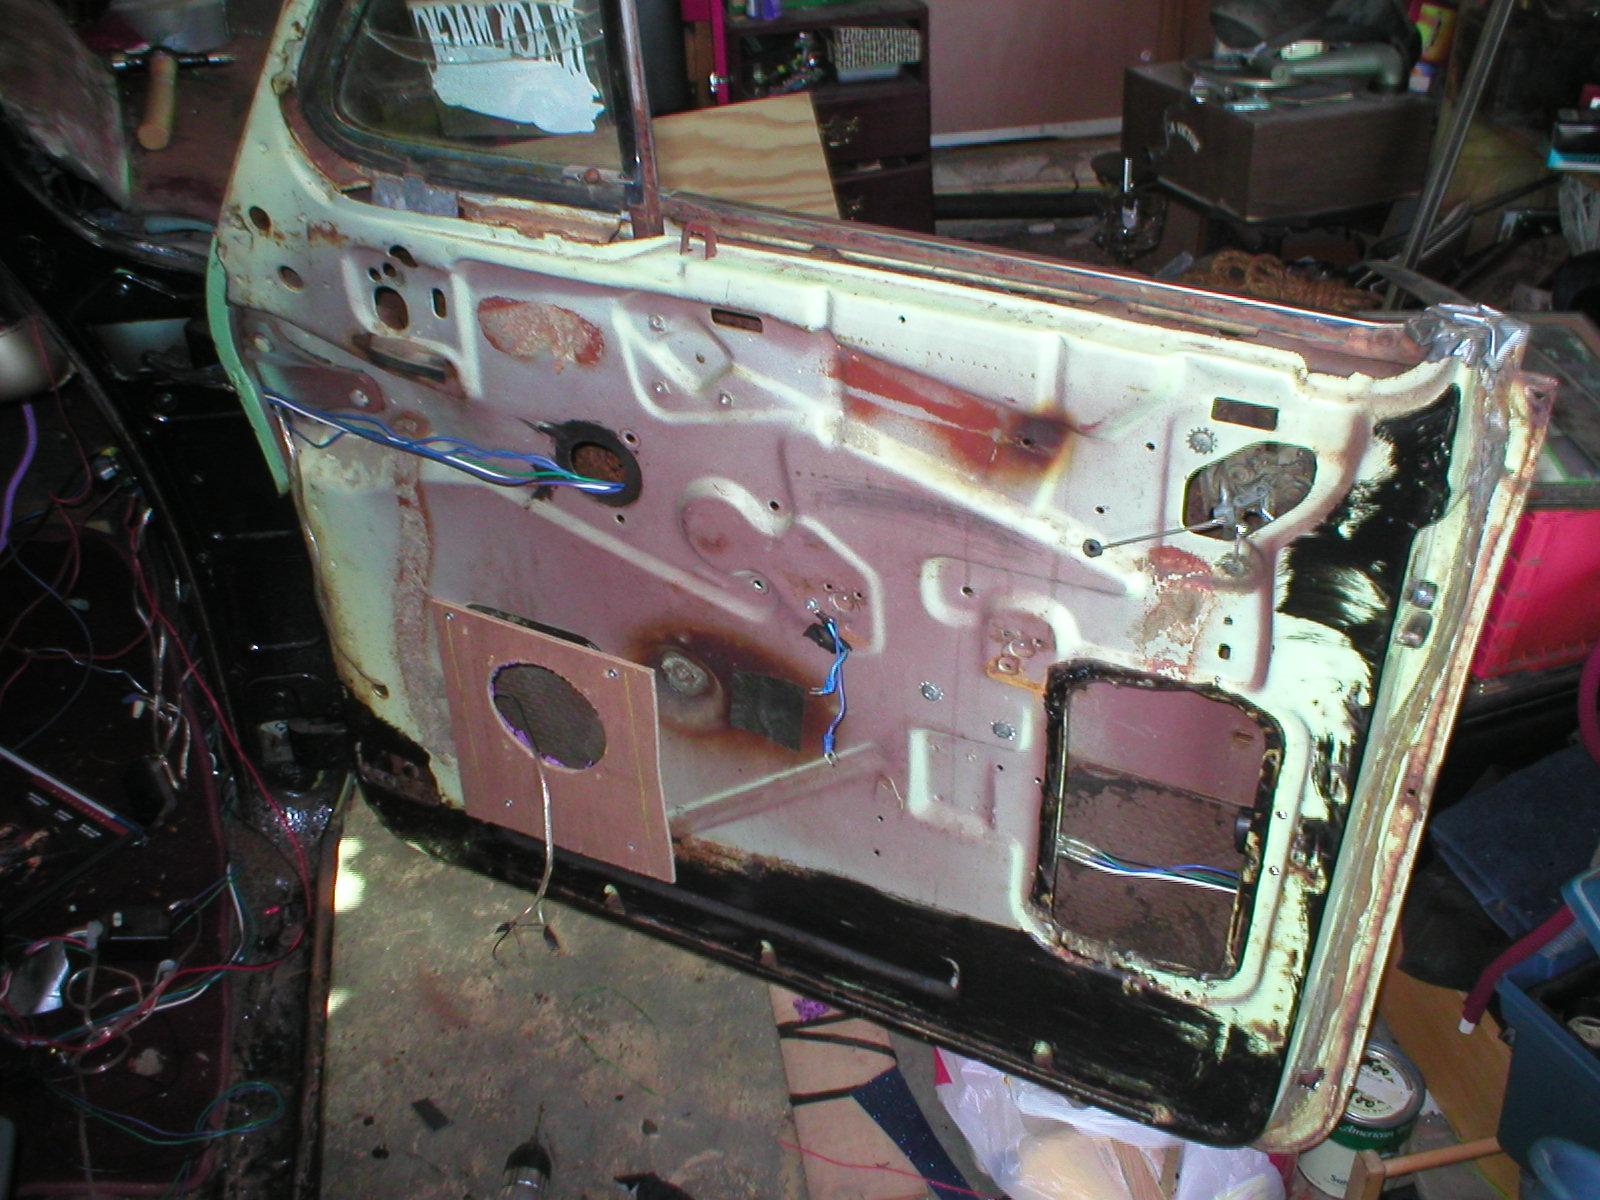 53-Chevy-interior-front-2008-door